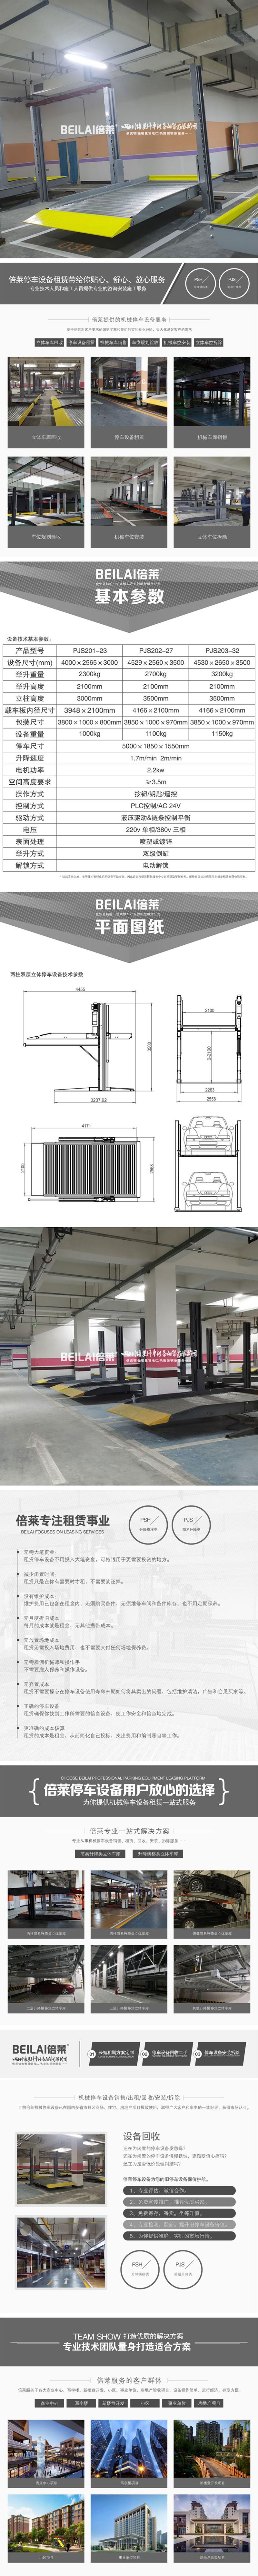 白玉立體車庫租賃回收犍為機械式車庫價格前鋒機械式立體車位安裝